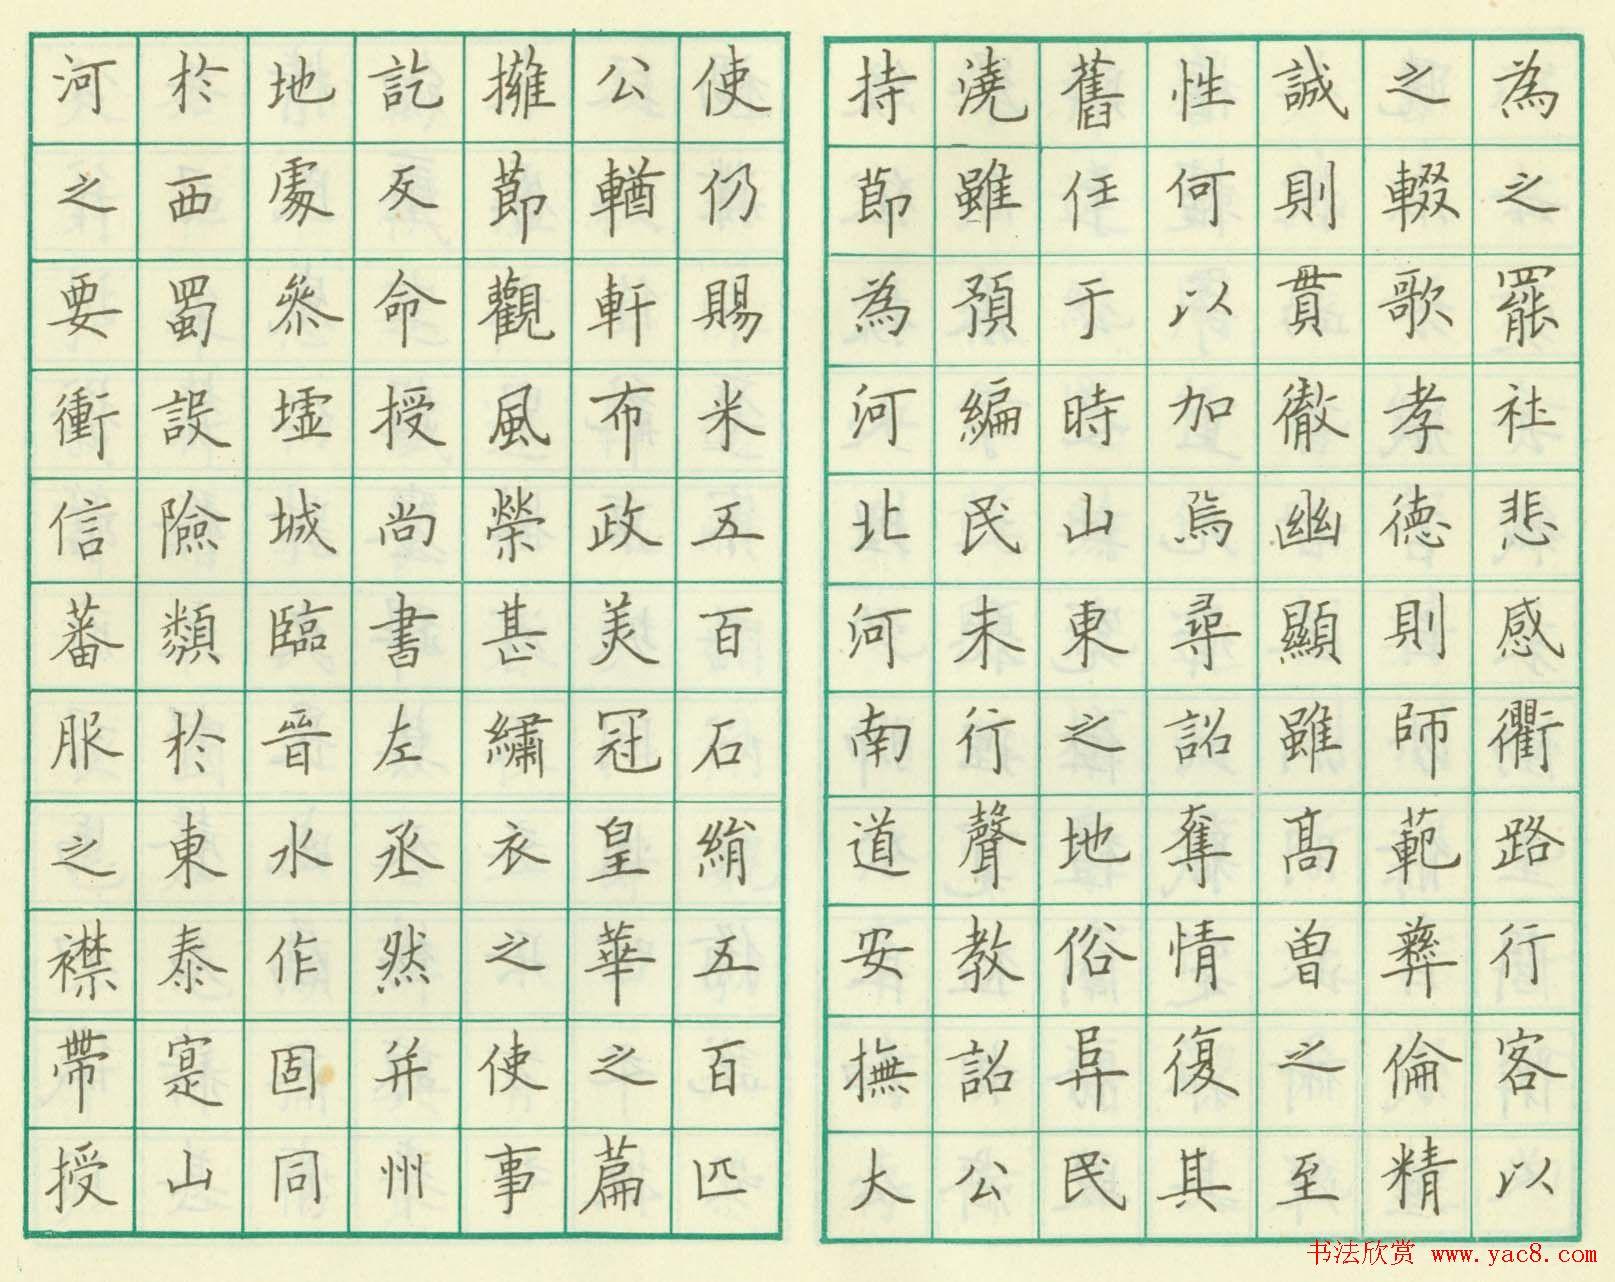 卢中南硬笔书法欣赏 临欧楷皇甫诞碑 第3页 硬笔书法 书法欣赏